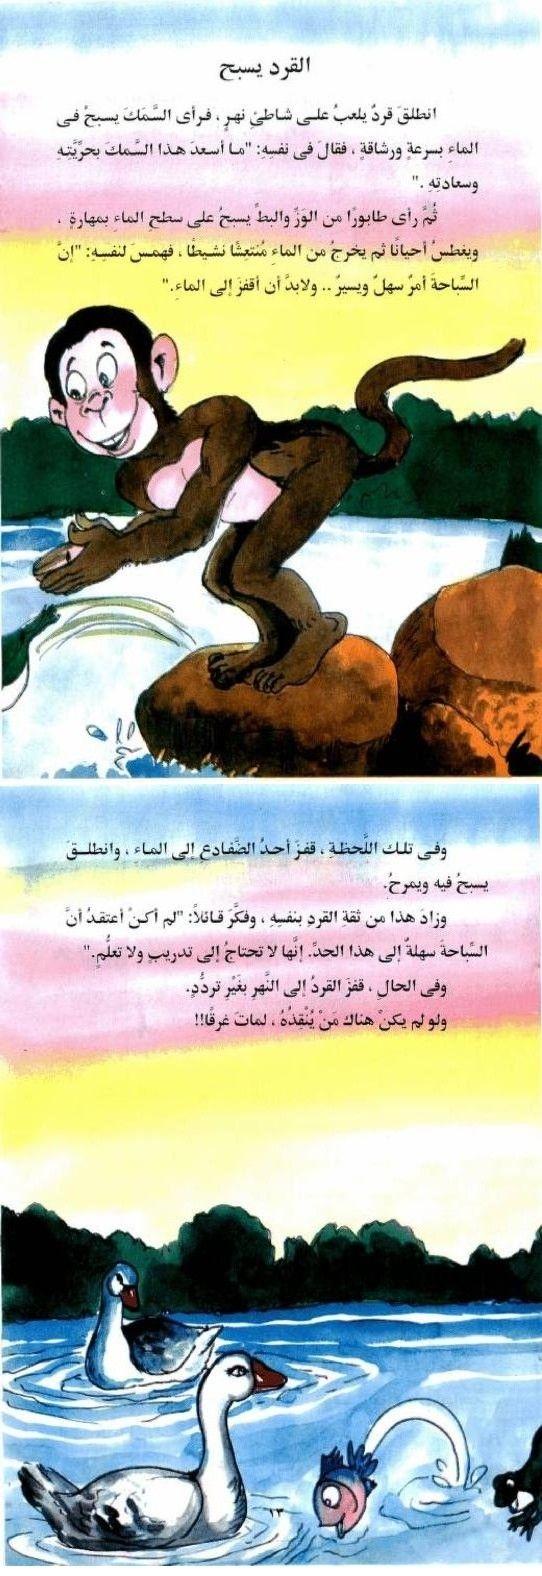 المطالعة المبهجة زهرات من الوادي الخصيب و بقايا الورقات الخضر في الشجرة الجرداء Kids Education Movie Posters Poster